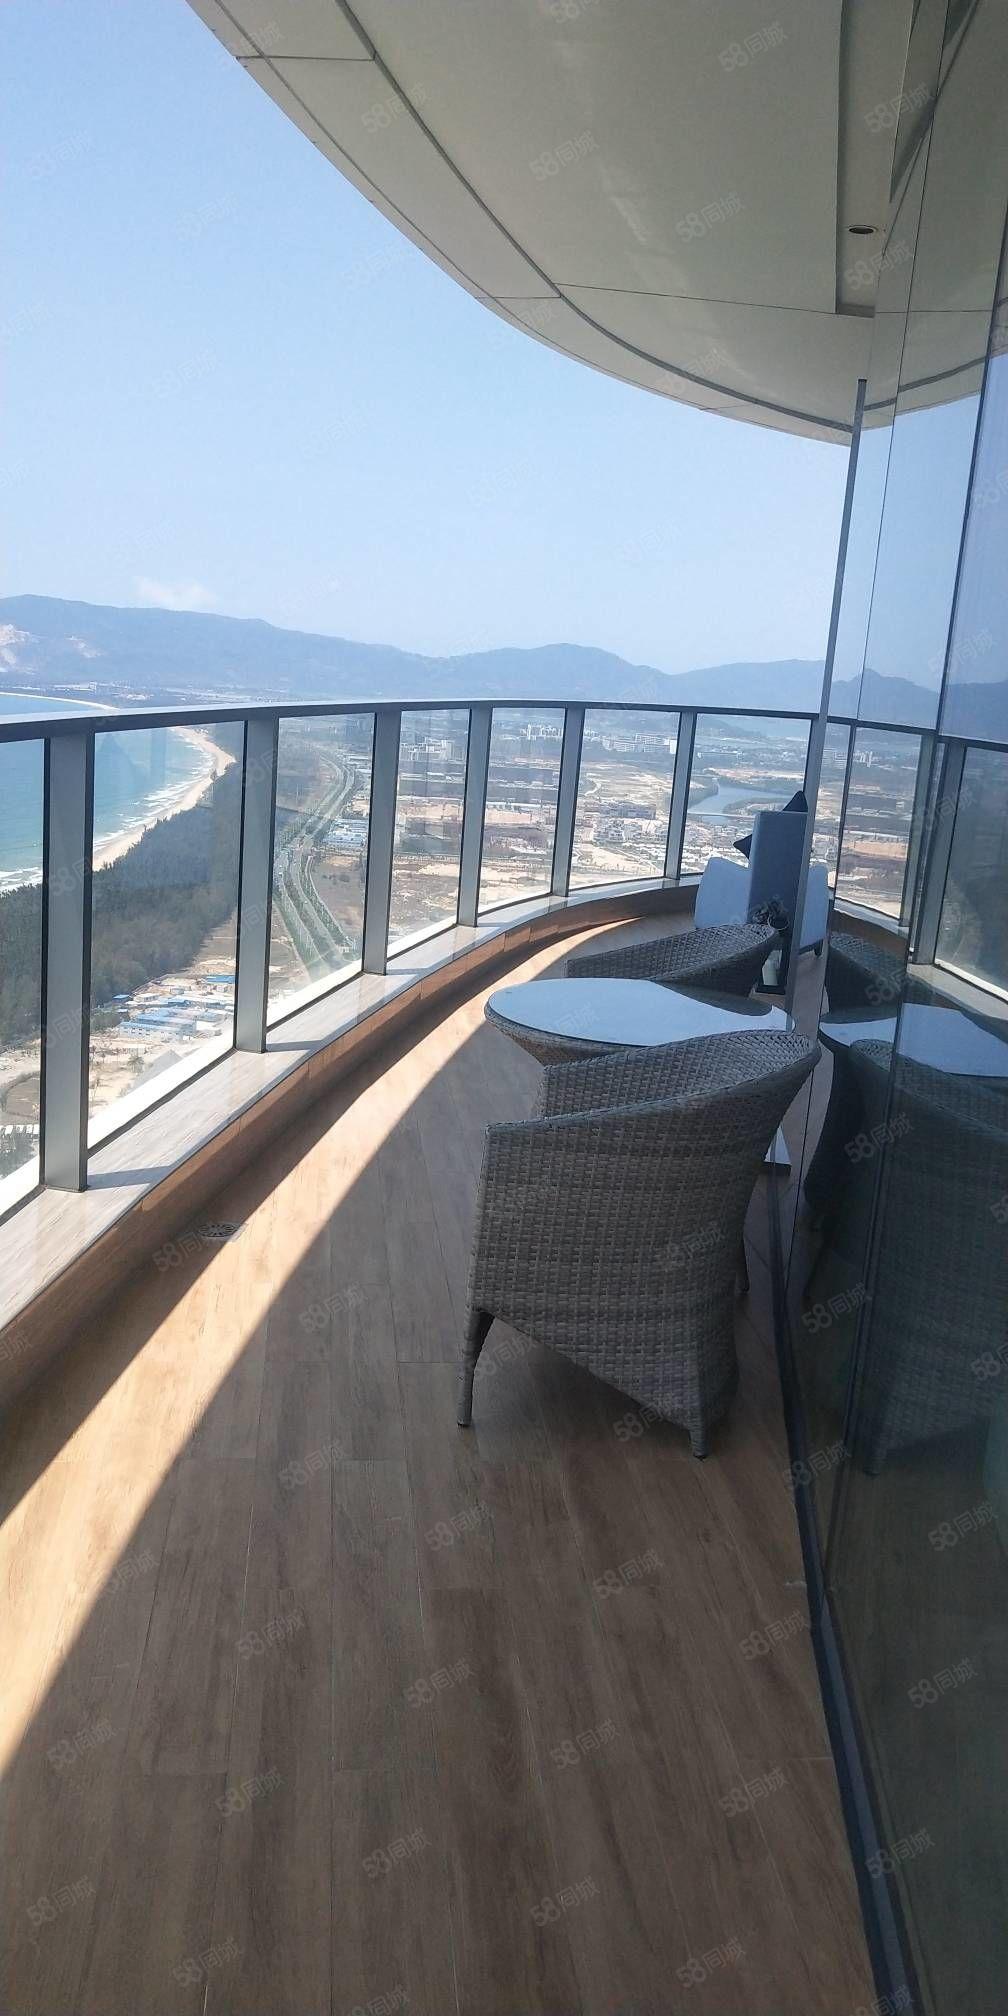 海棠湾(保利财富中心)一线海景房小两房拎包入住价格低价。